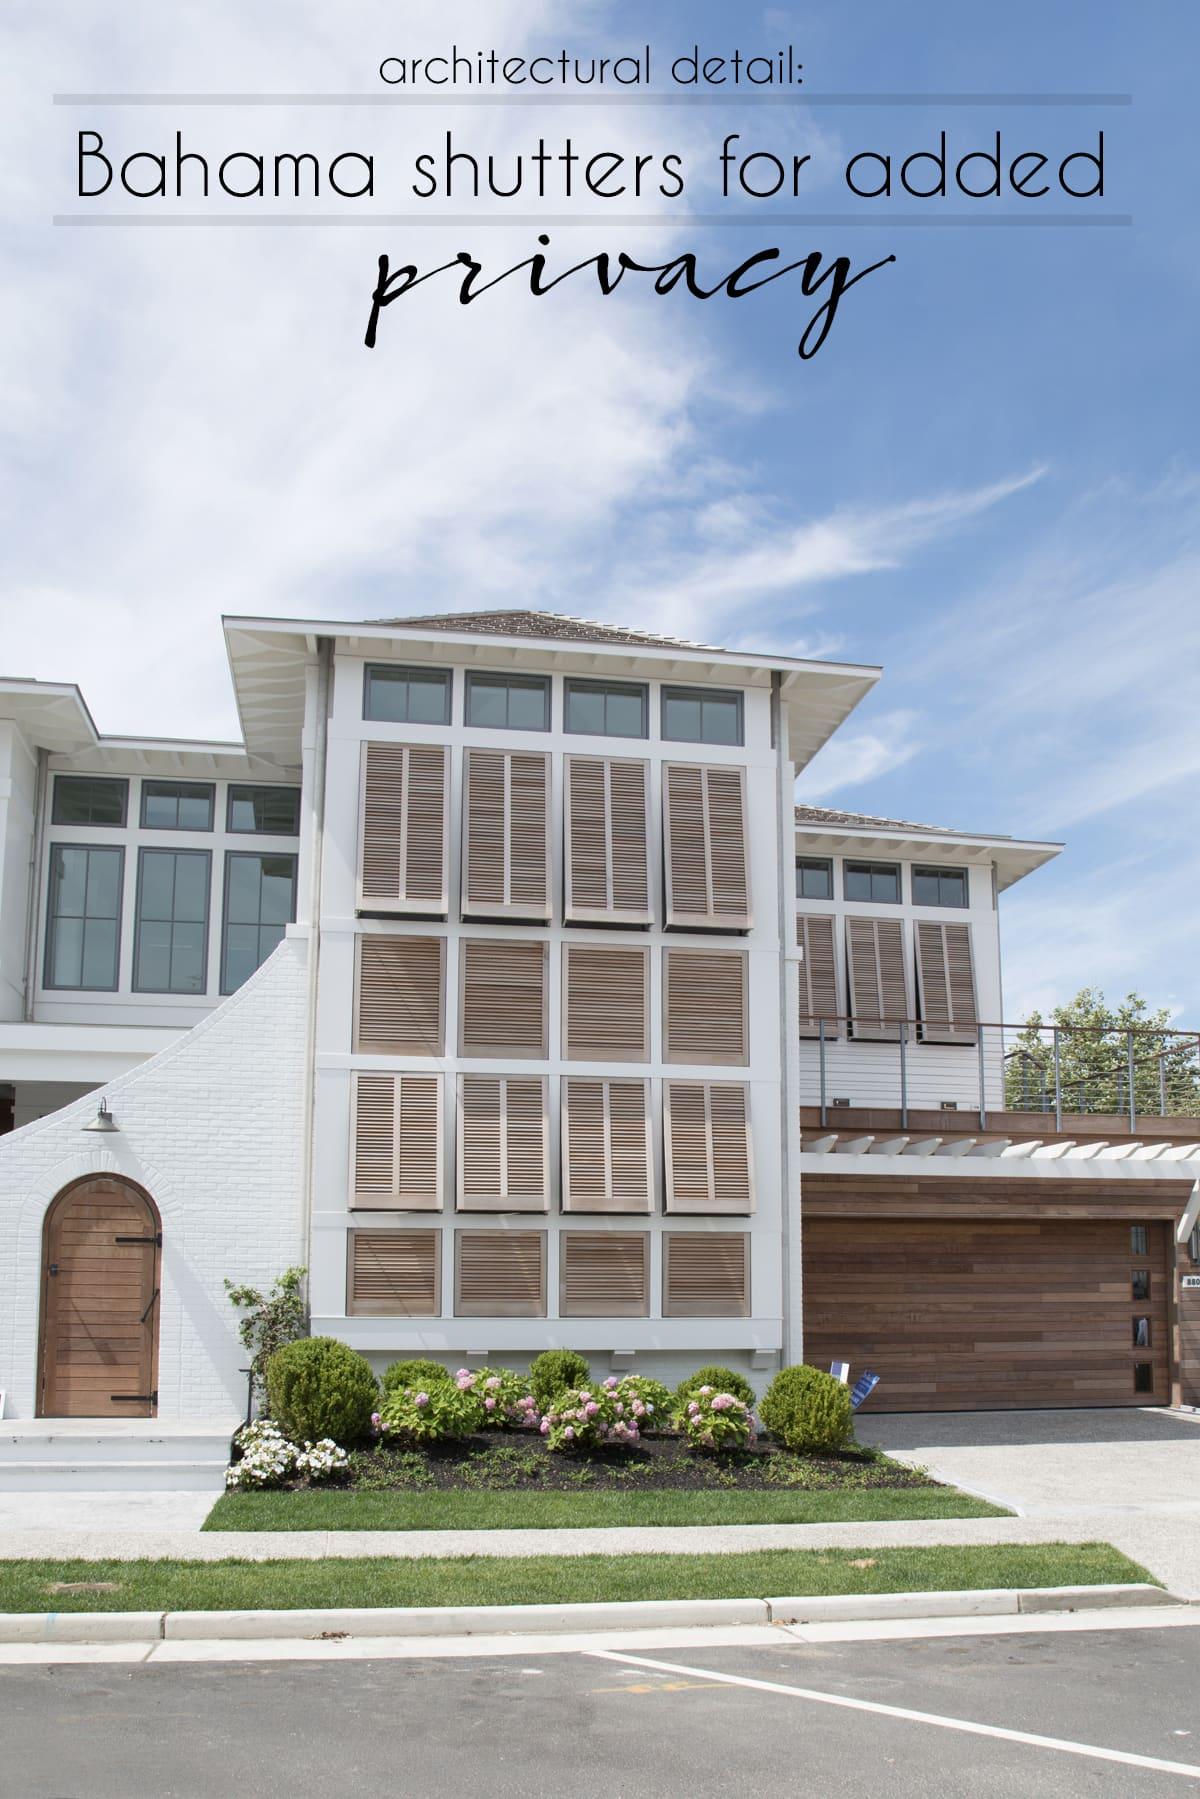 beach homes | beach homes featuring Bahama shutters | wooden Bahama shutters | black Bahama shutters | modern beach home with wooden details | beach architecture #beacharchitecture #beachhomes